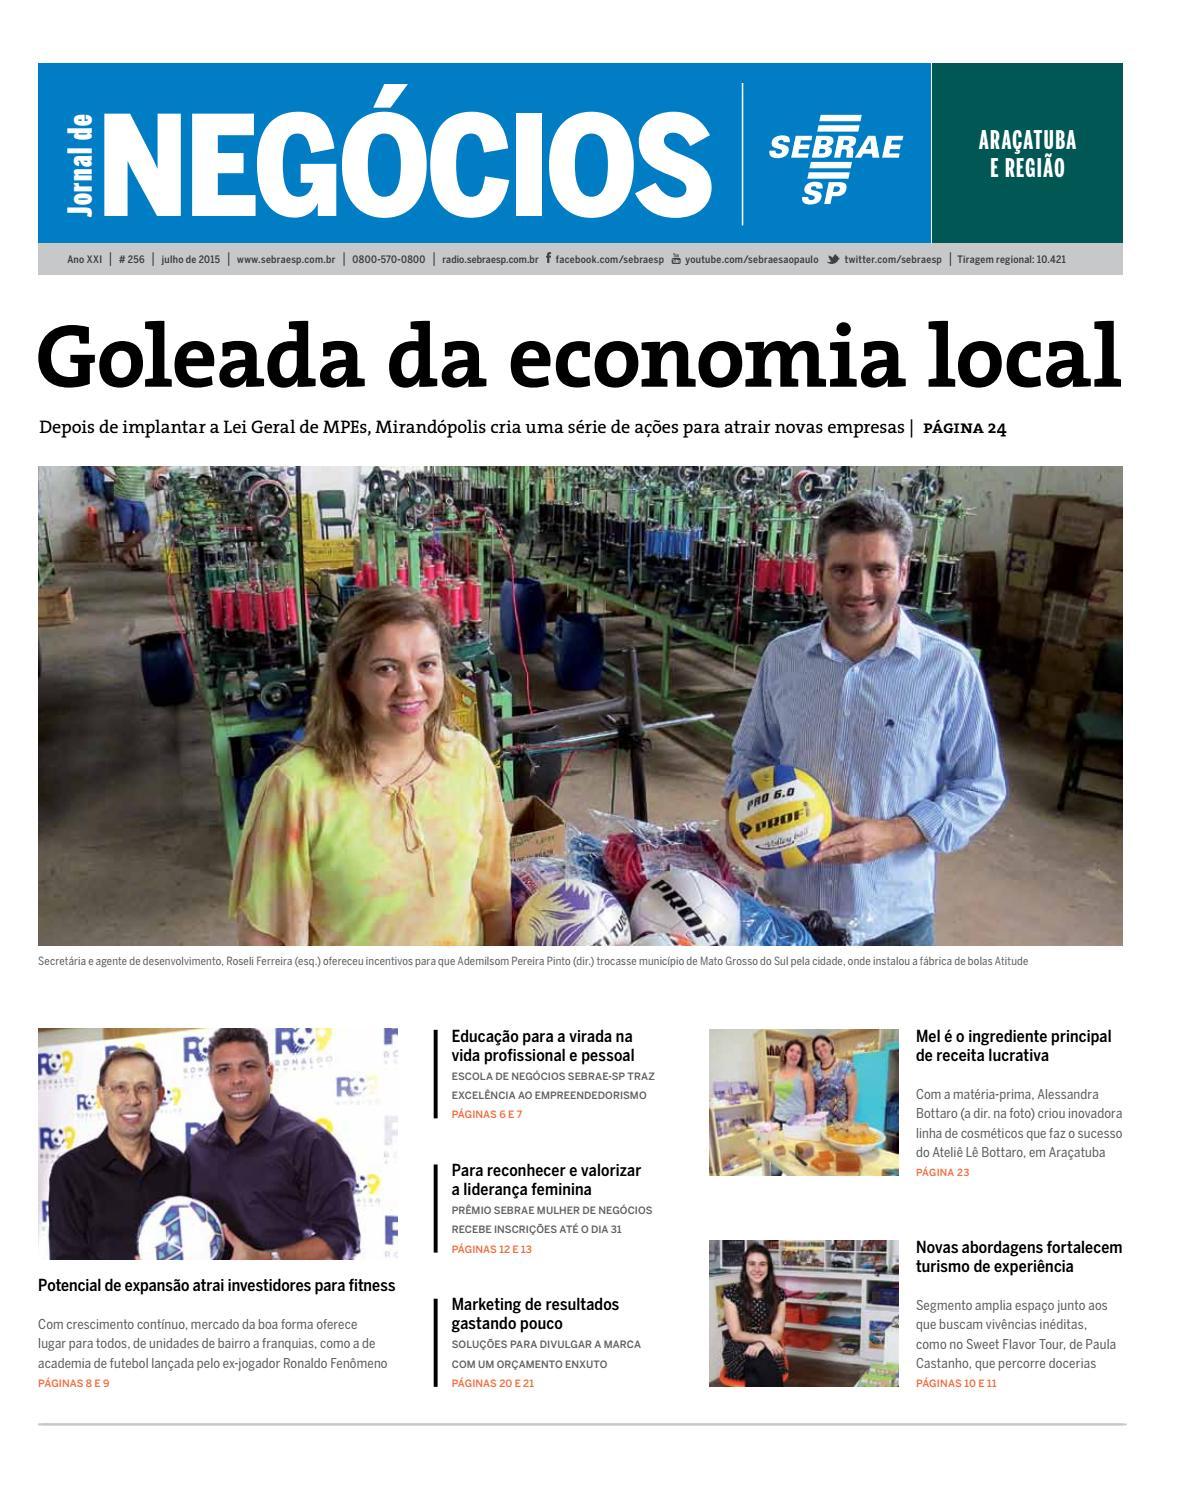 Jornal de Negócios Sebrae-SP - 01 Julho 2015 - Araçatuba e região by  Sebrae-SP - issuu bc6356a0b7ccb